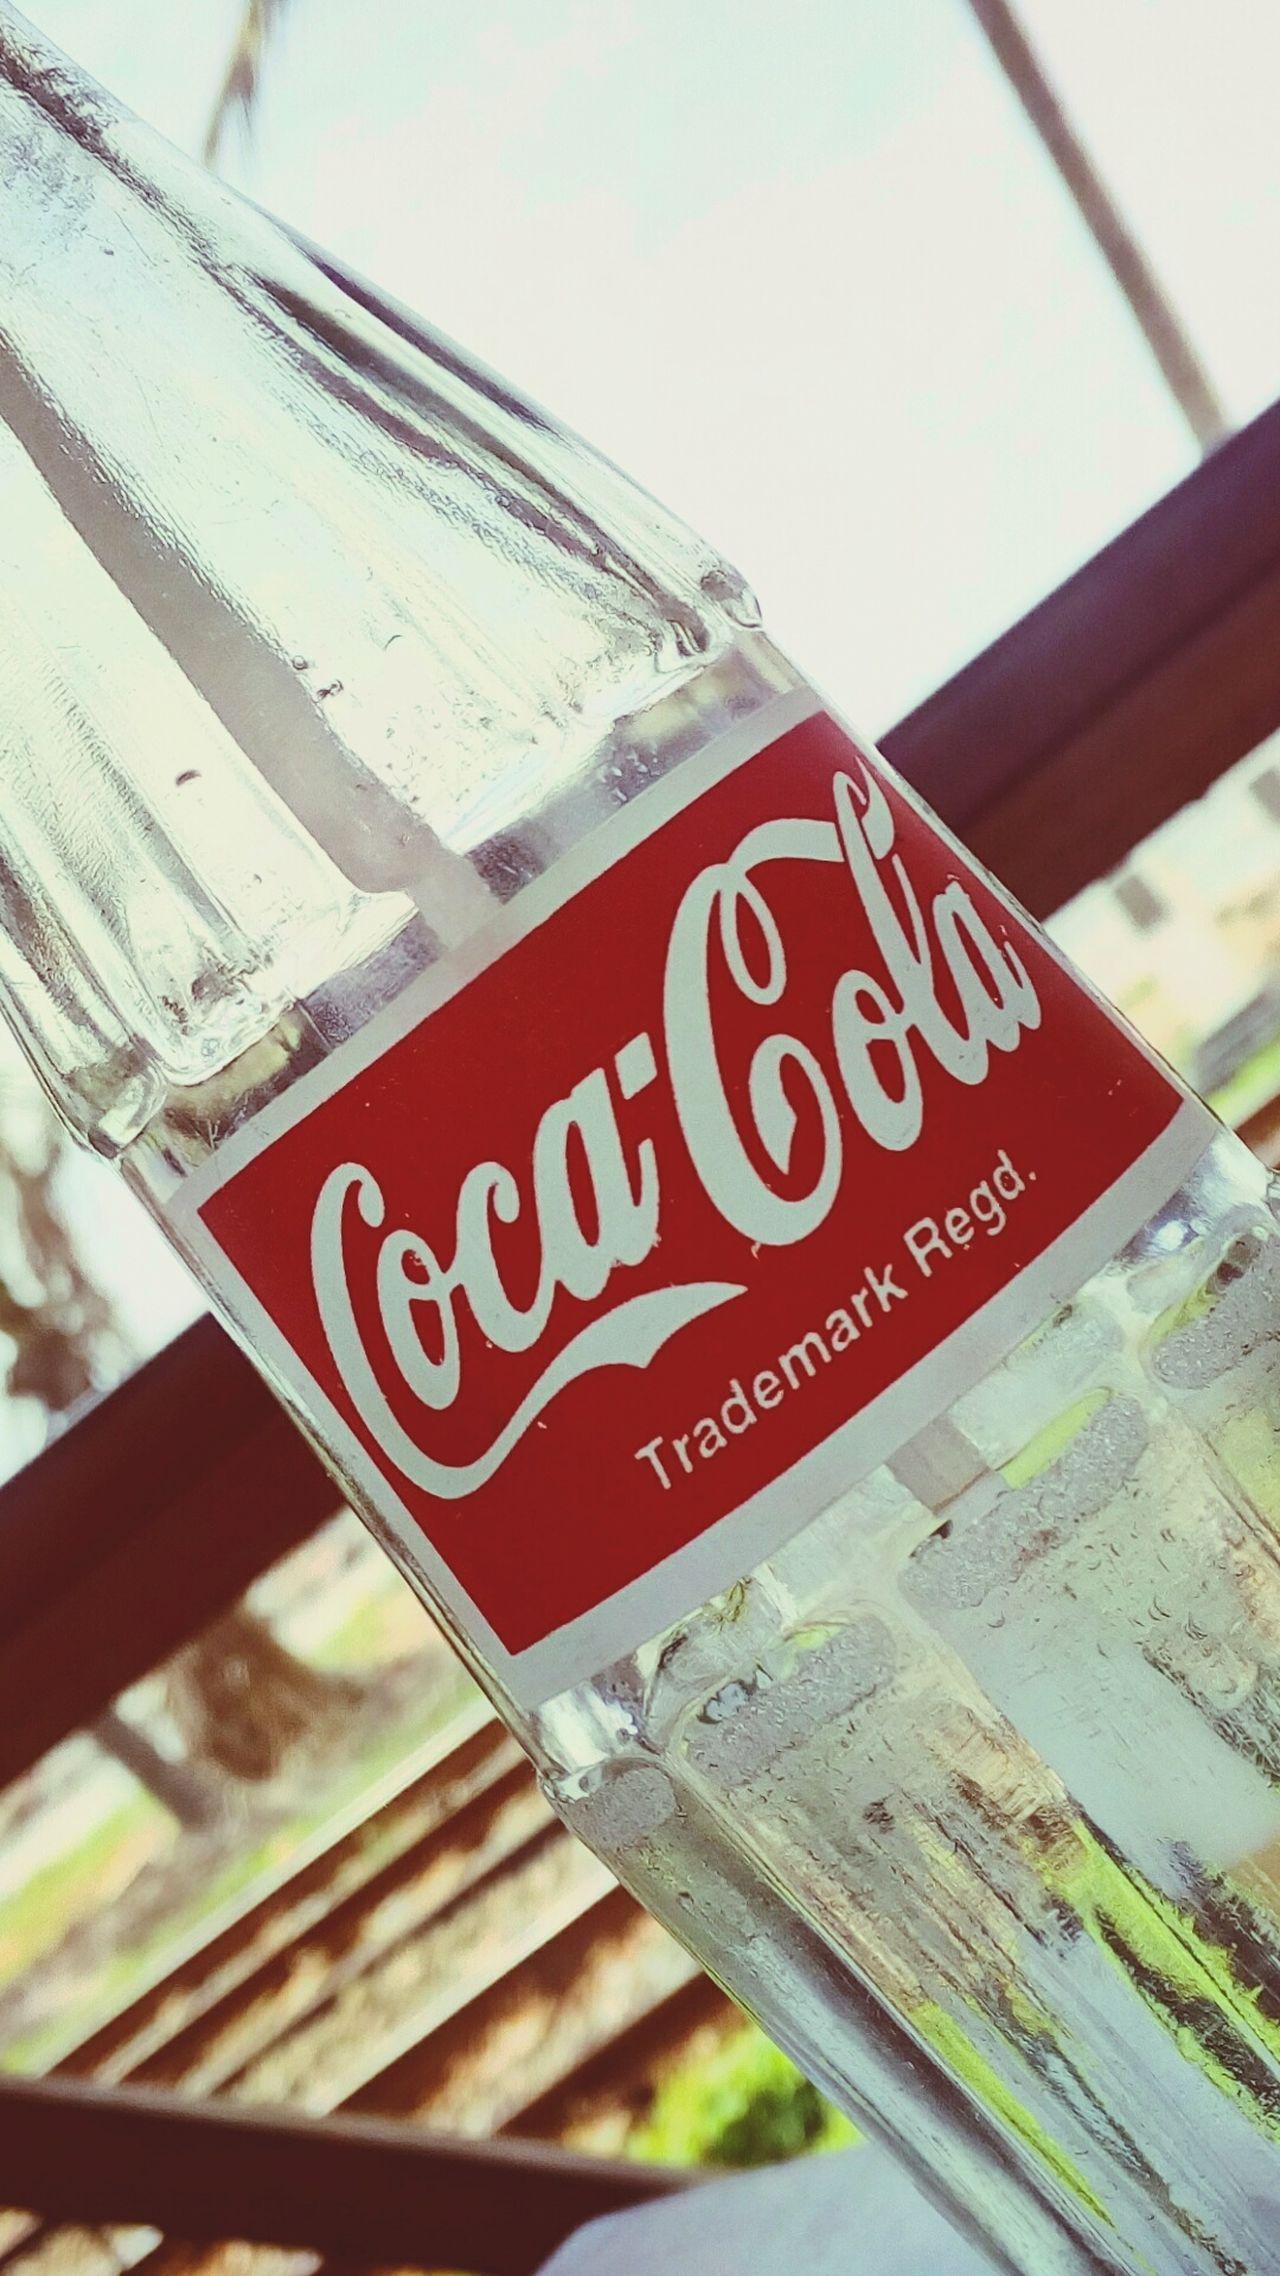 Coca-Cola Bottle en/ in Salinas,Ecuador Refresh